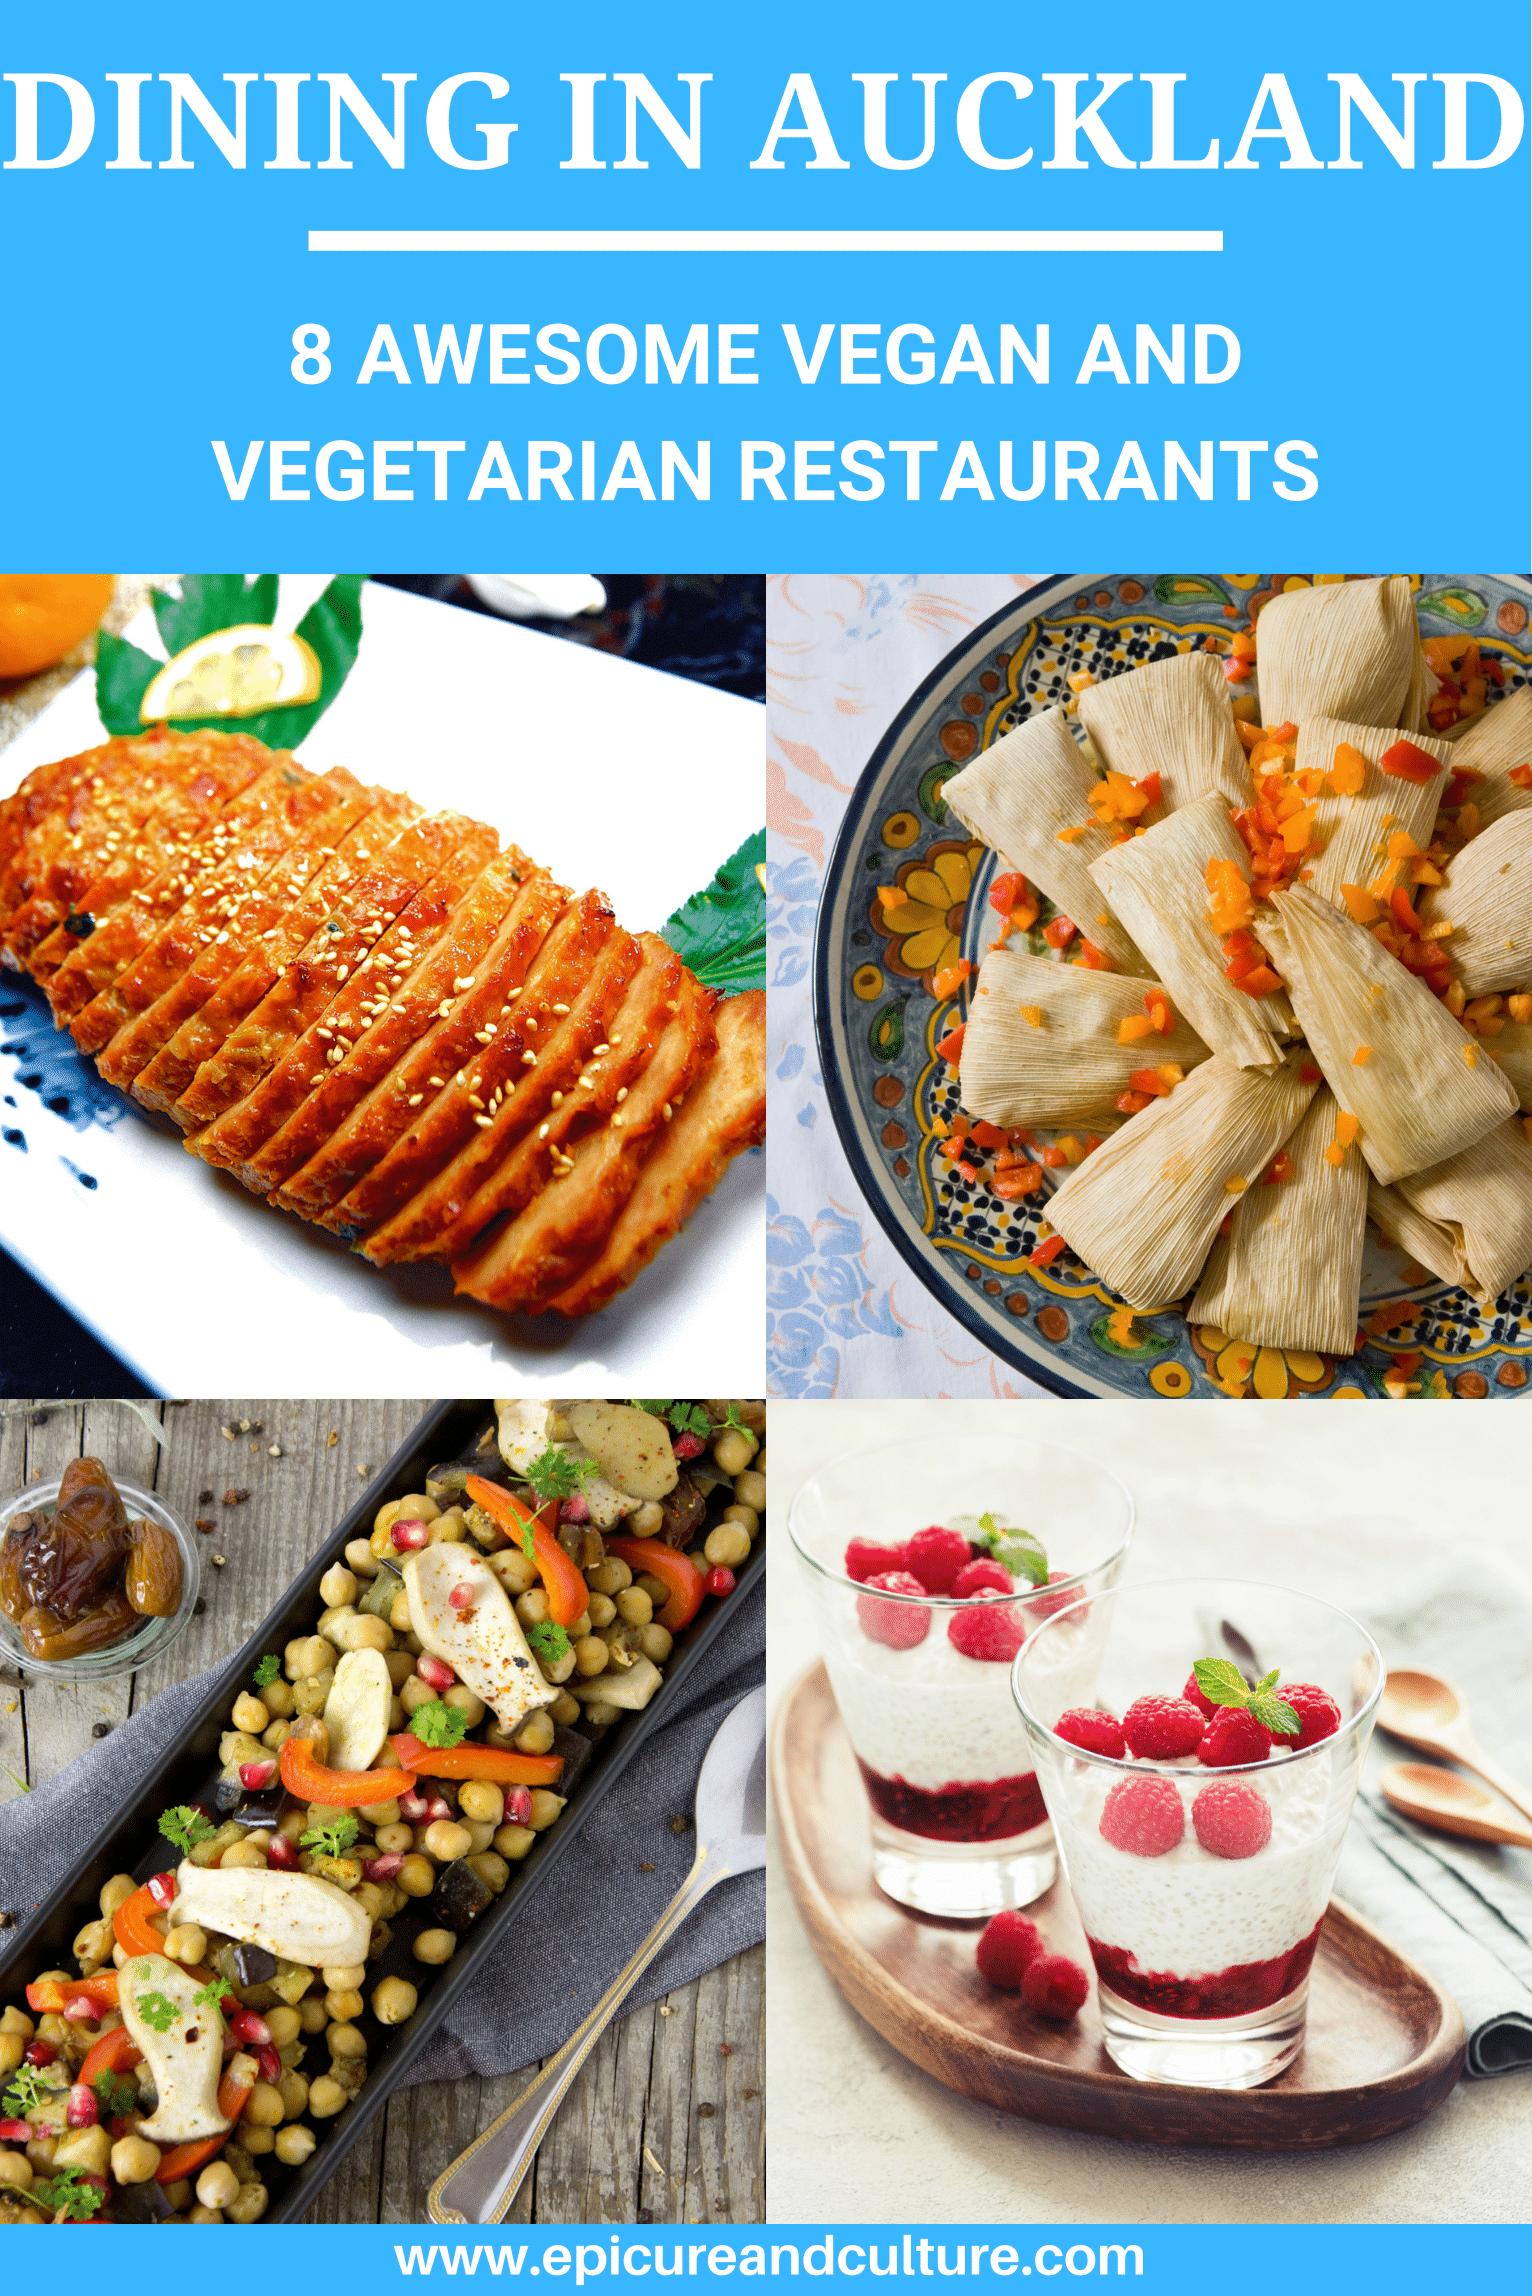 Best Restaurants In Auckland For Vegetarians New Zealand New Zealand Food Food Guide Best Vegetarian Restaurants